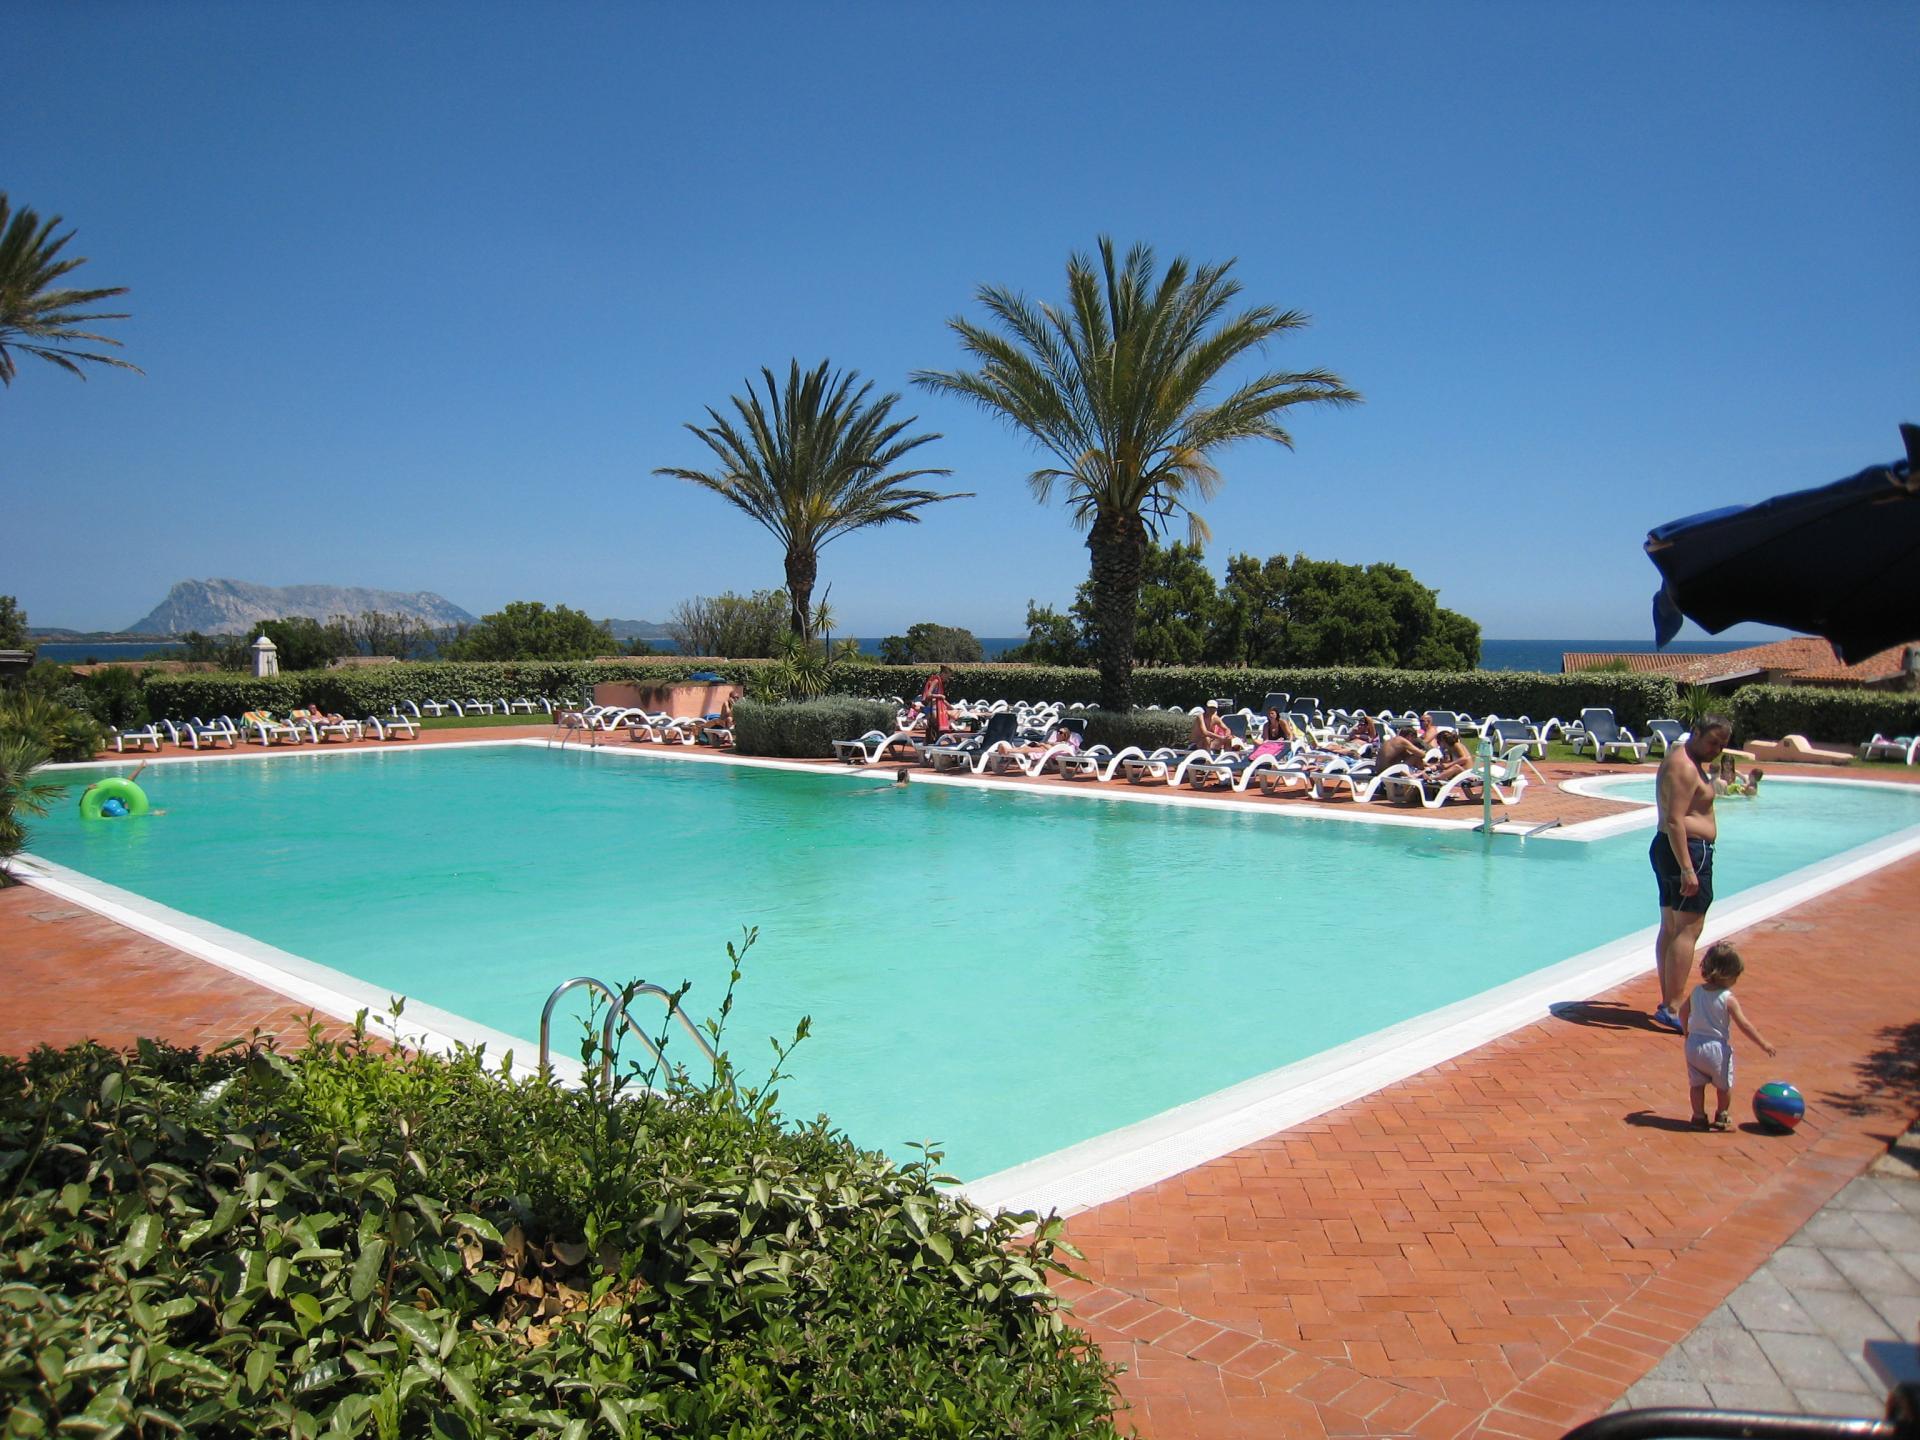 Isuledda Resort